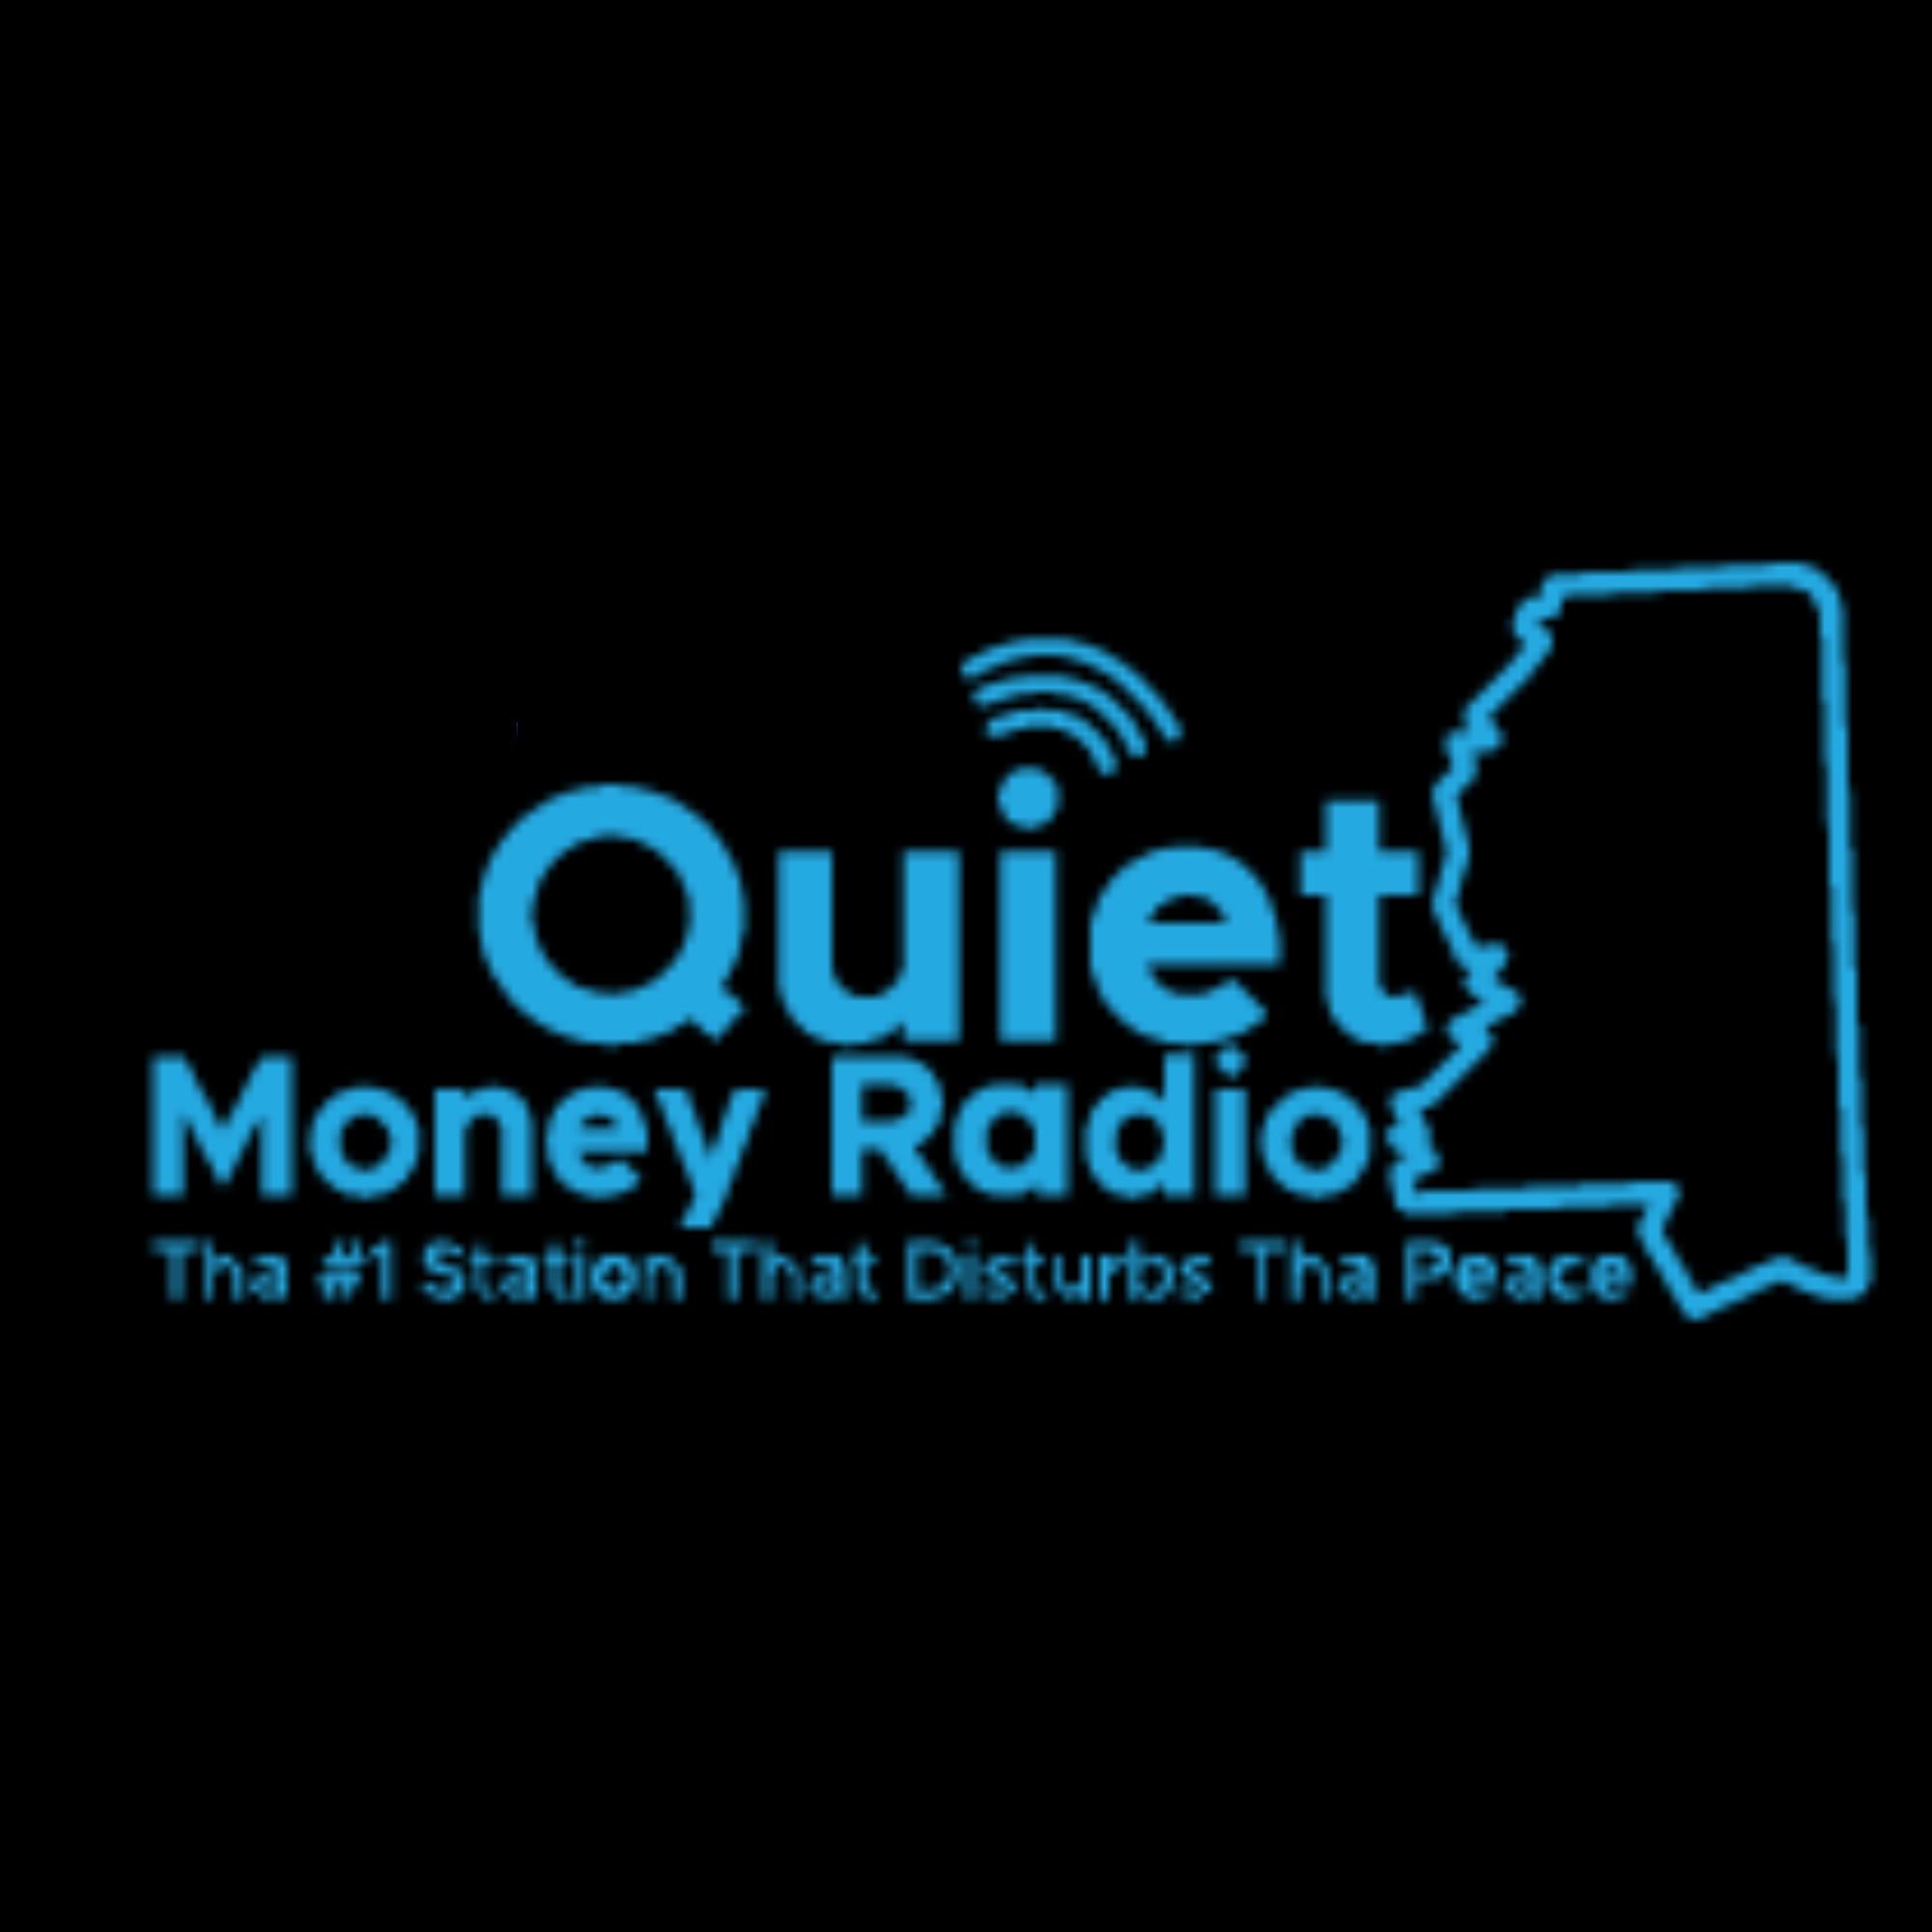 Quiet Money Radio  logo